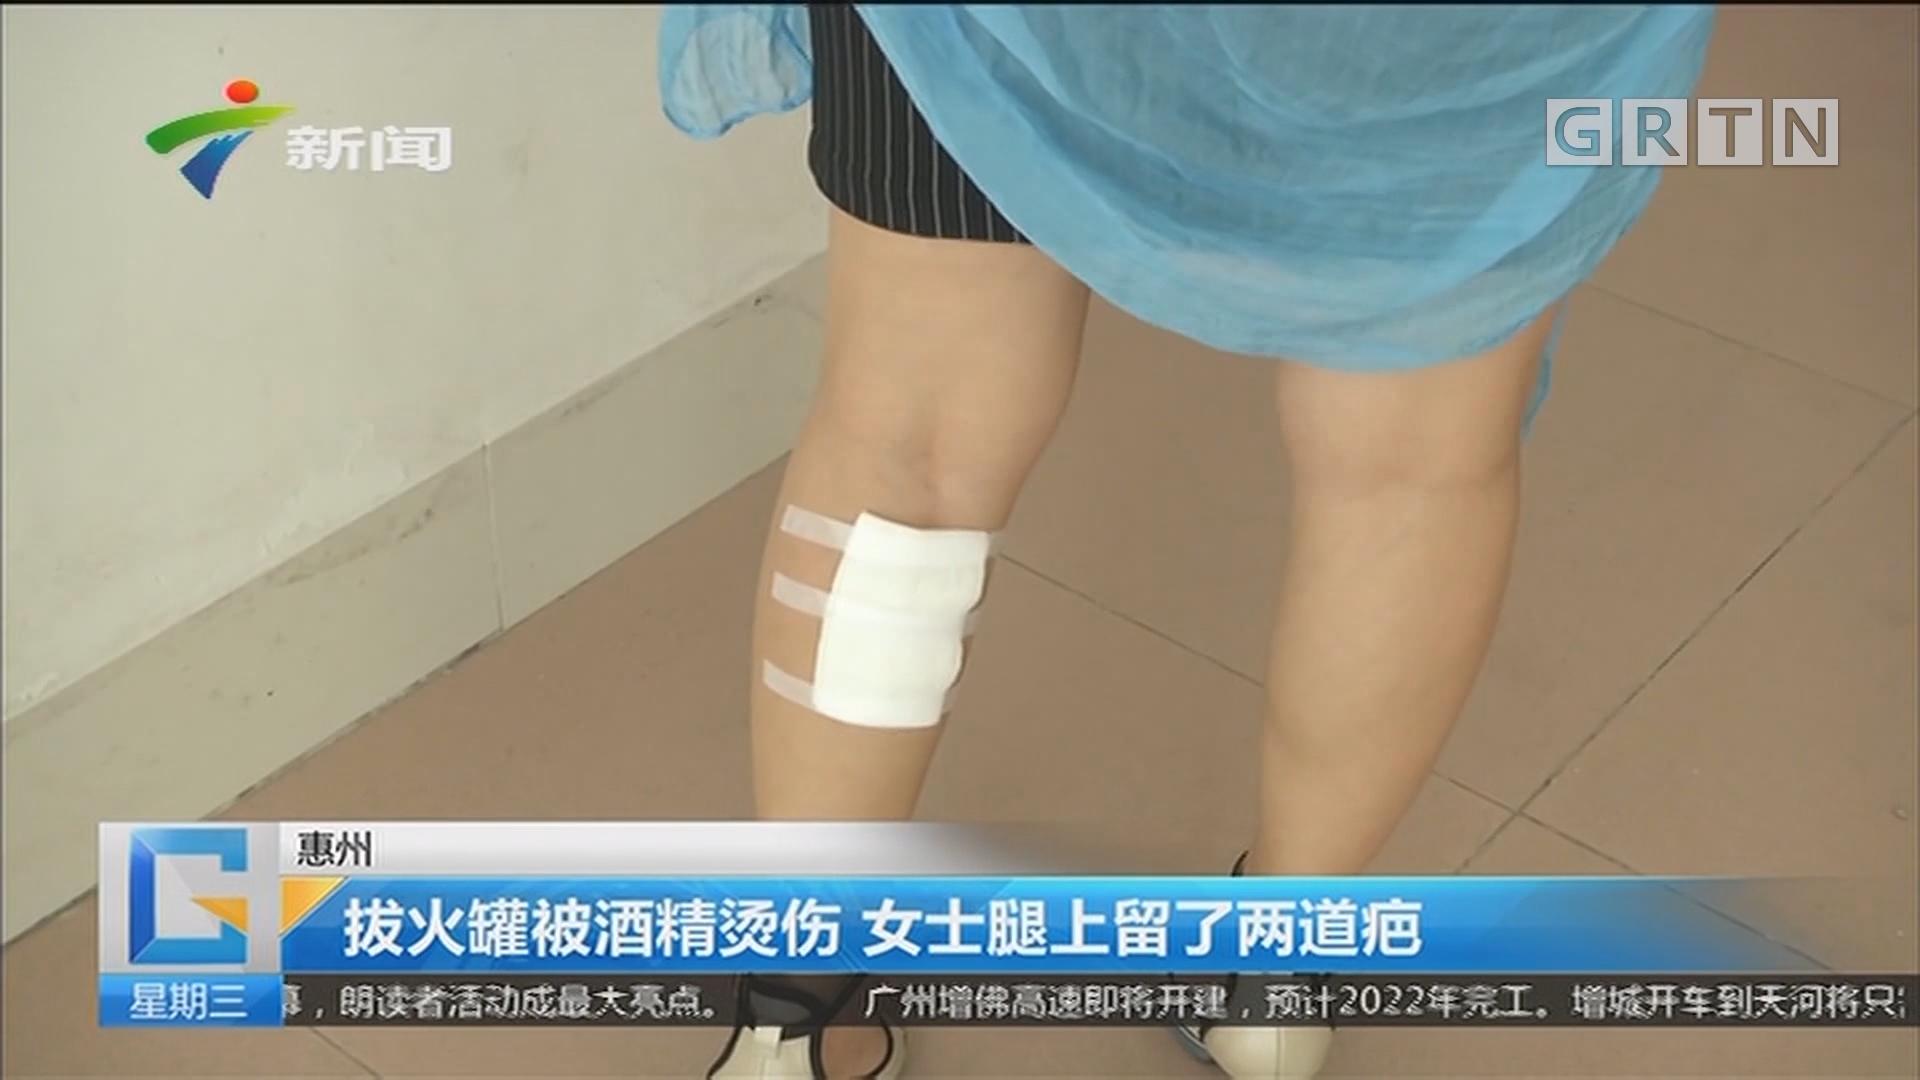 惠州:拨火罐被酒精烫伤 女士腿上留了两道疤